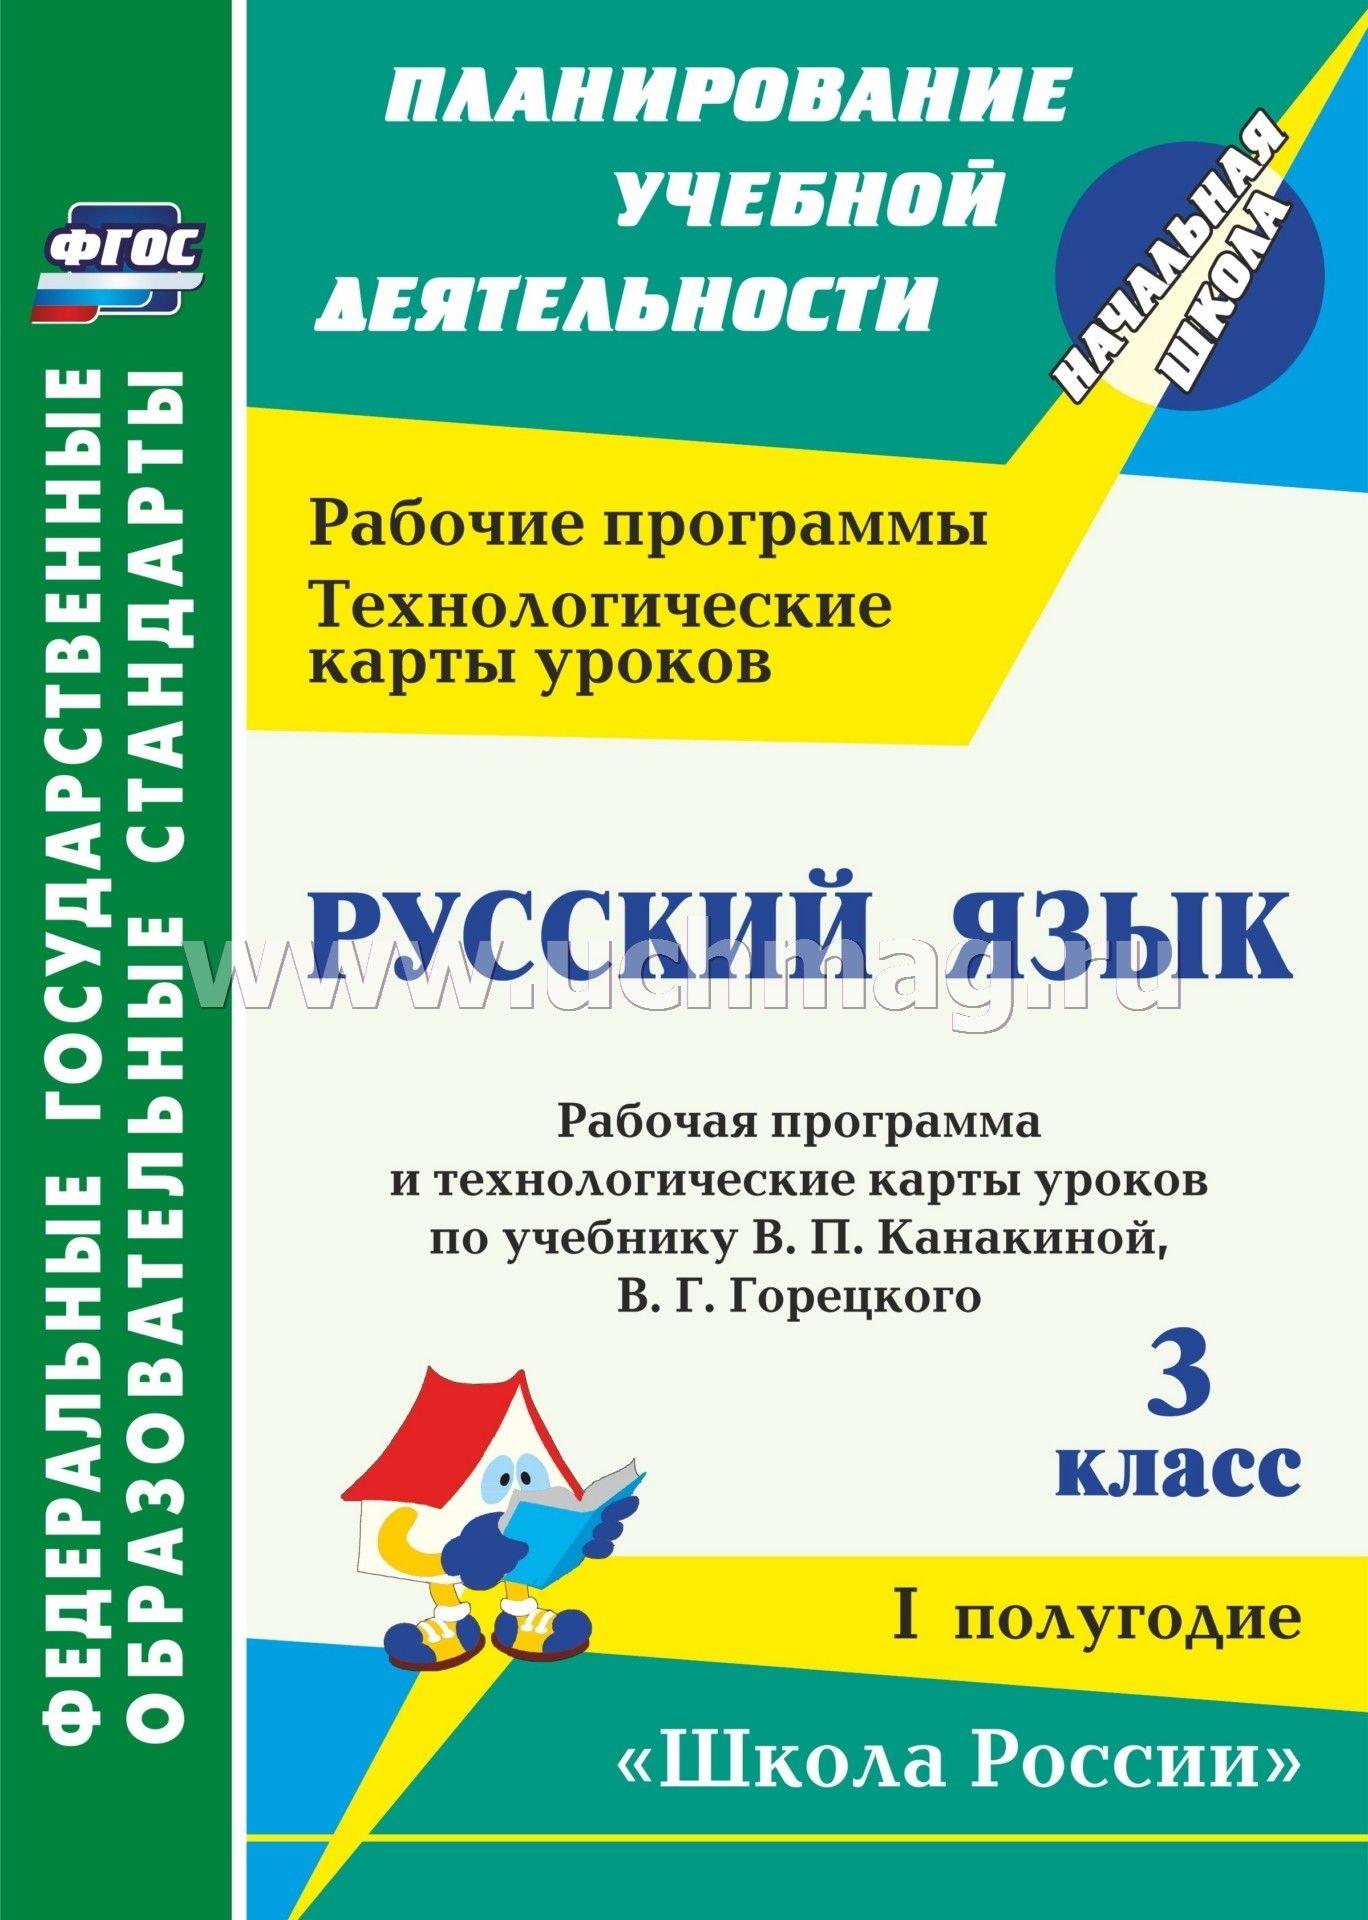 Конспект урока русского языка по учебнику каленчук 3 класс